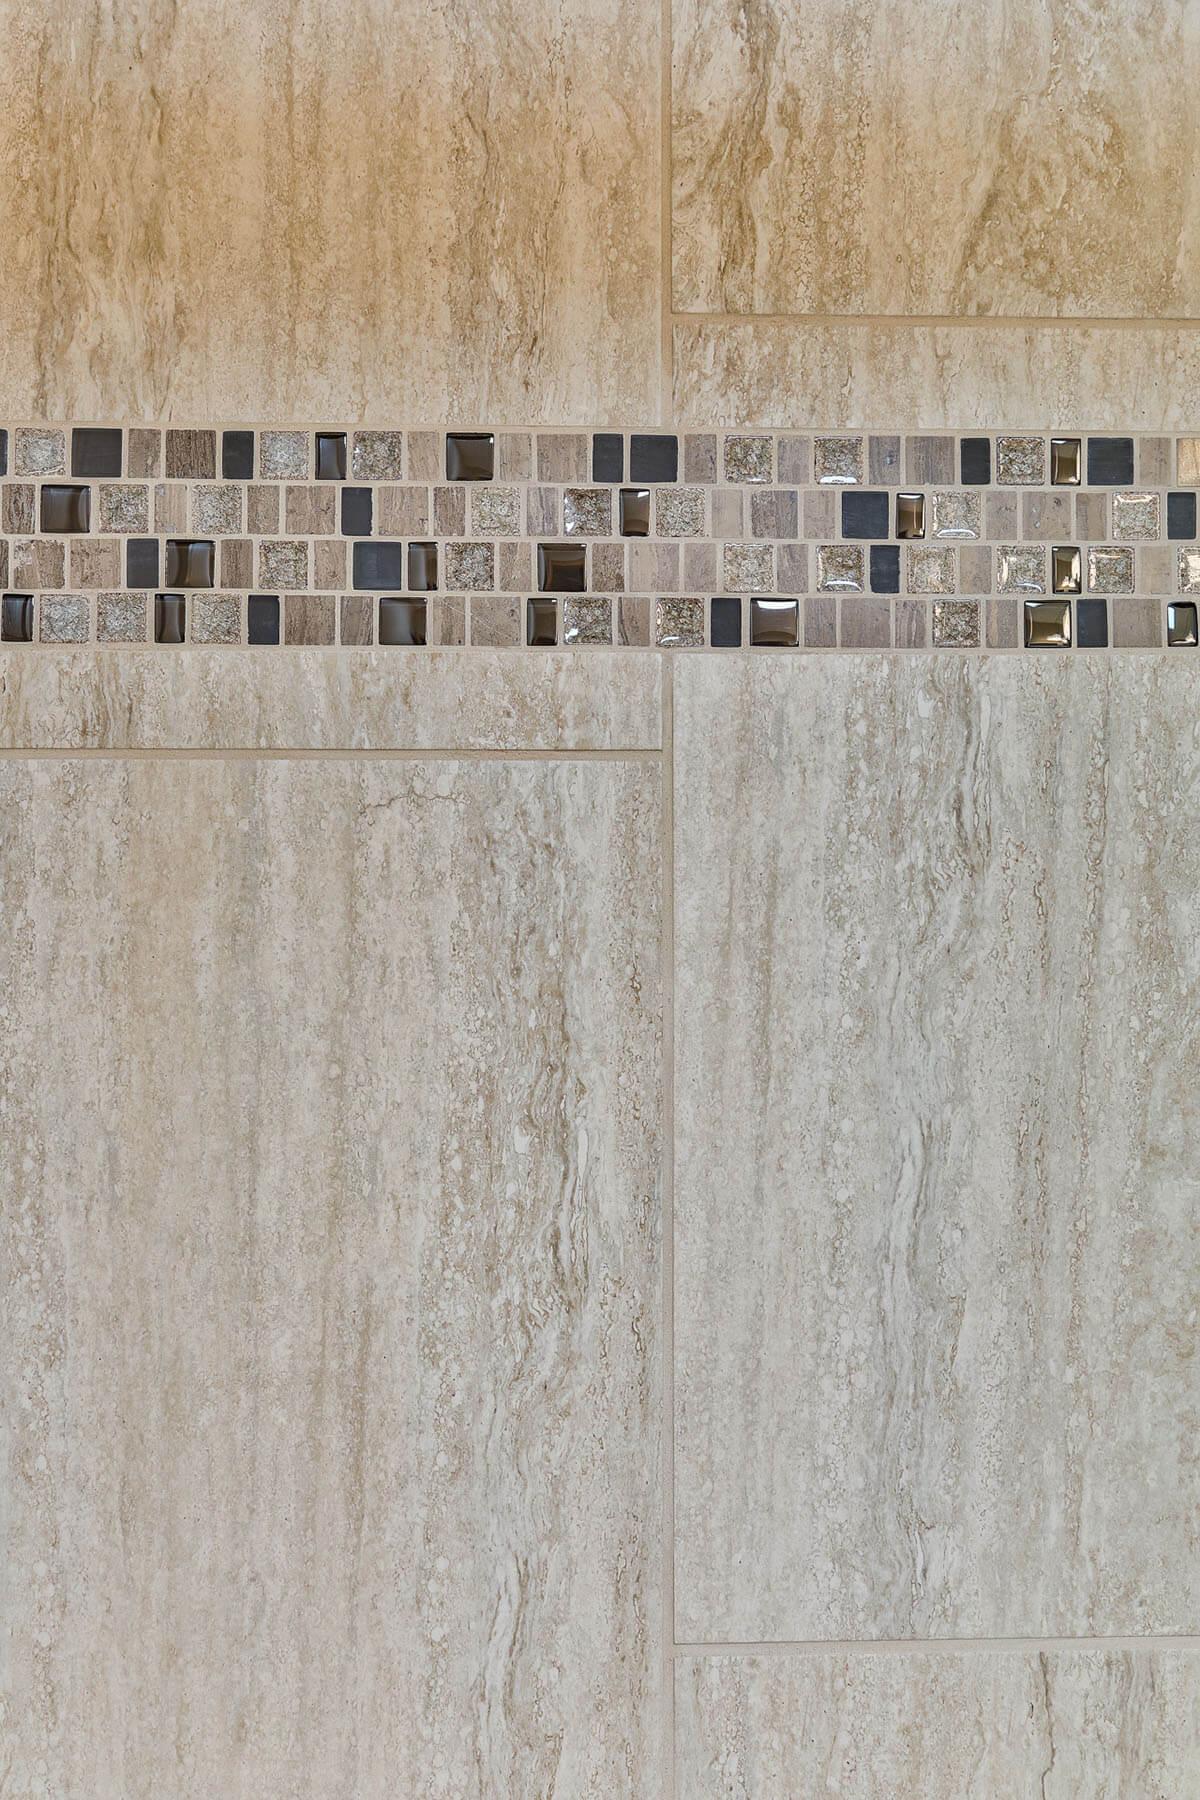 glass tiles in shower